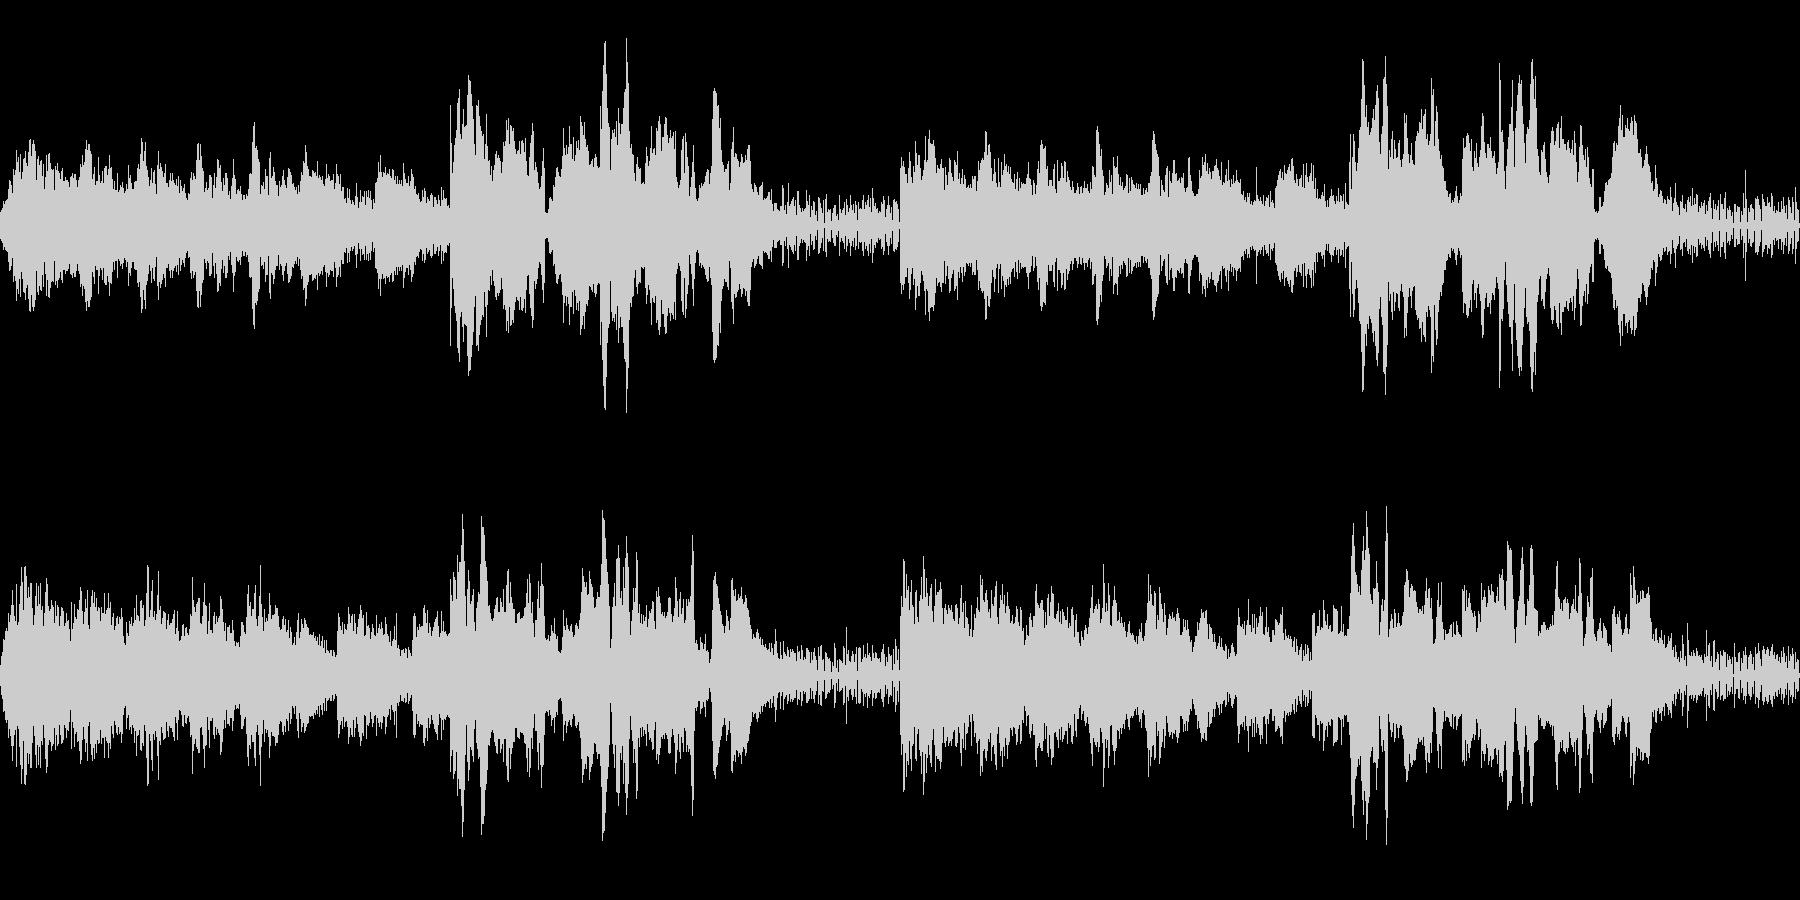 【ドラム抜き】ホラー要素の強い不安定な…の未再生の波形